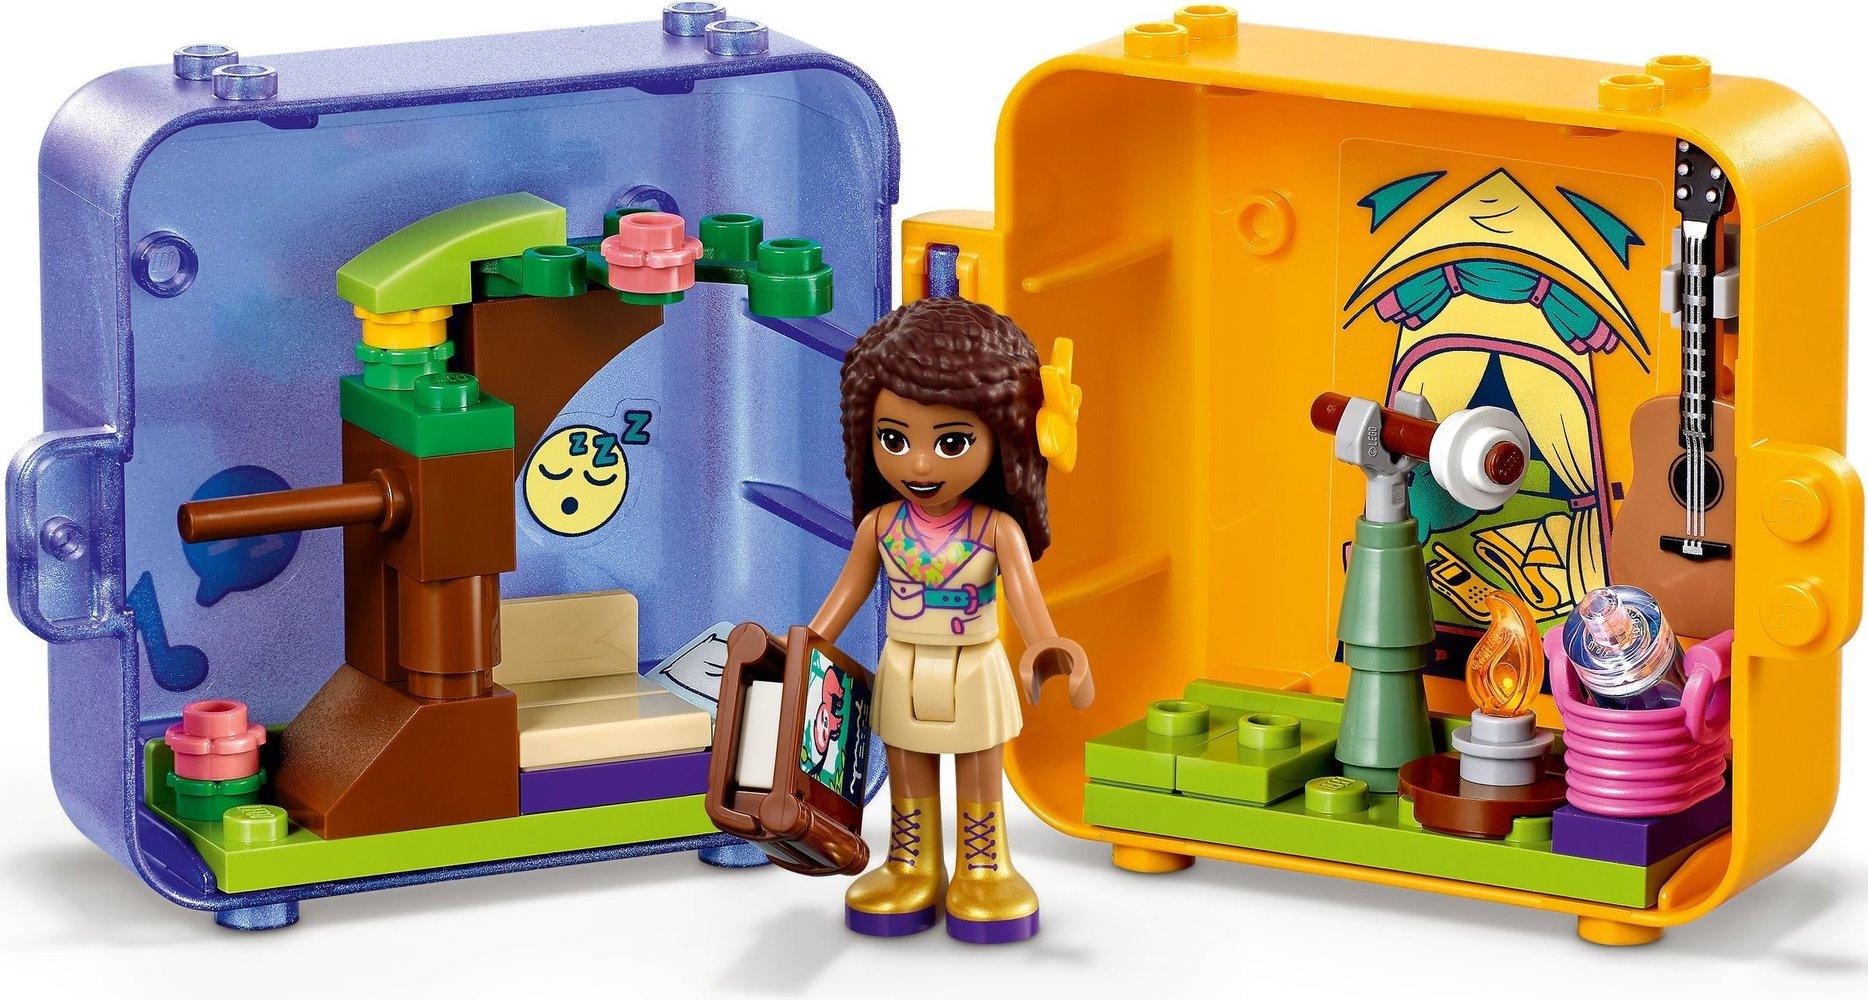 Lego Friends 41434 pas cher, Le cube de jeu de la jungle d ...